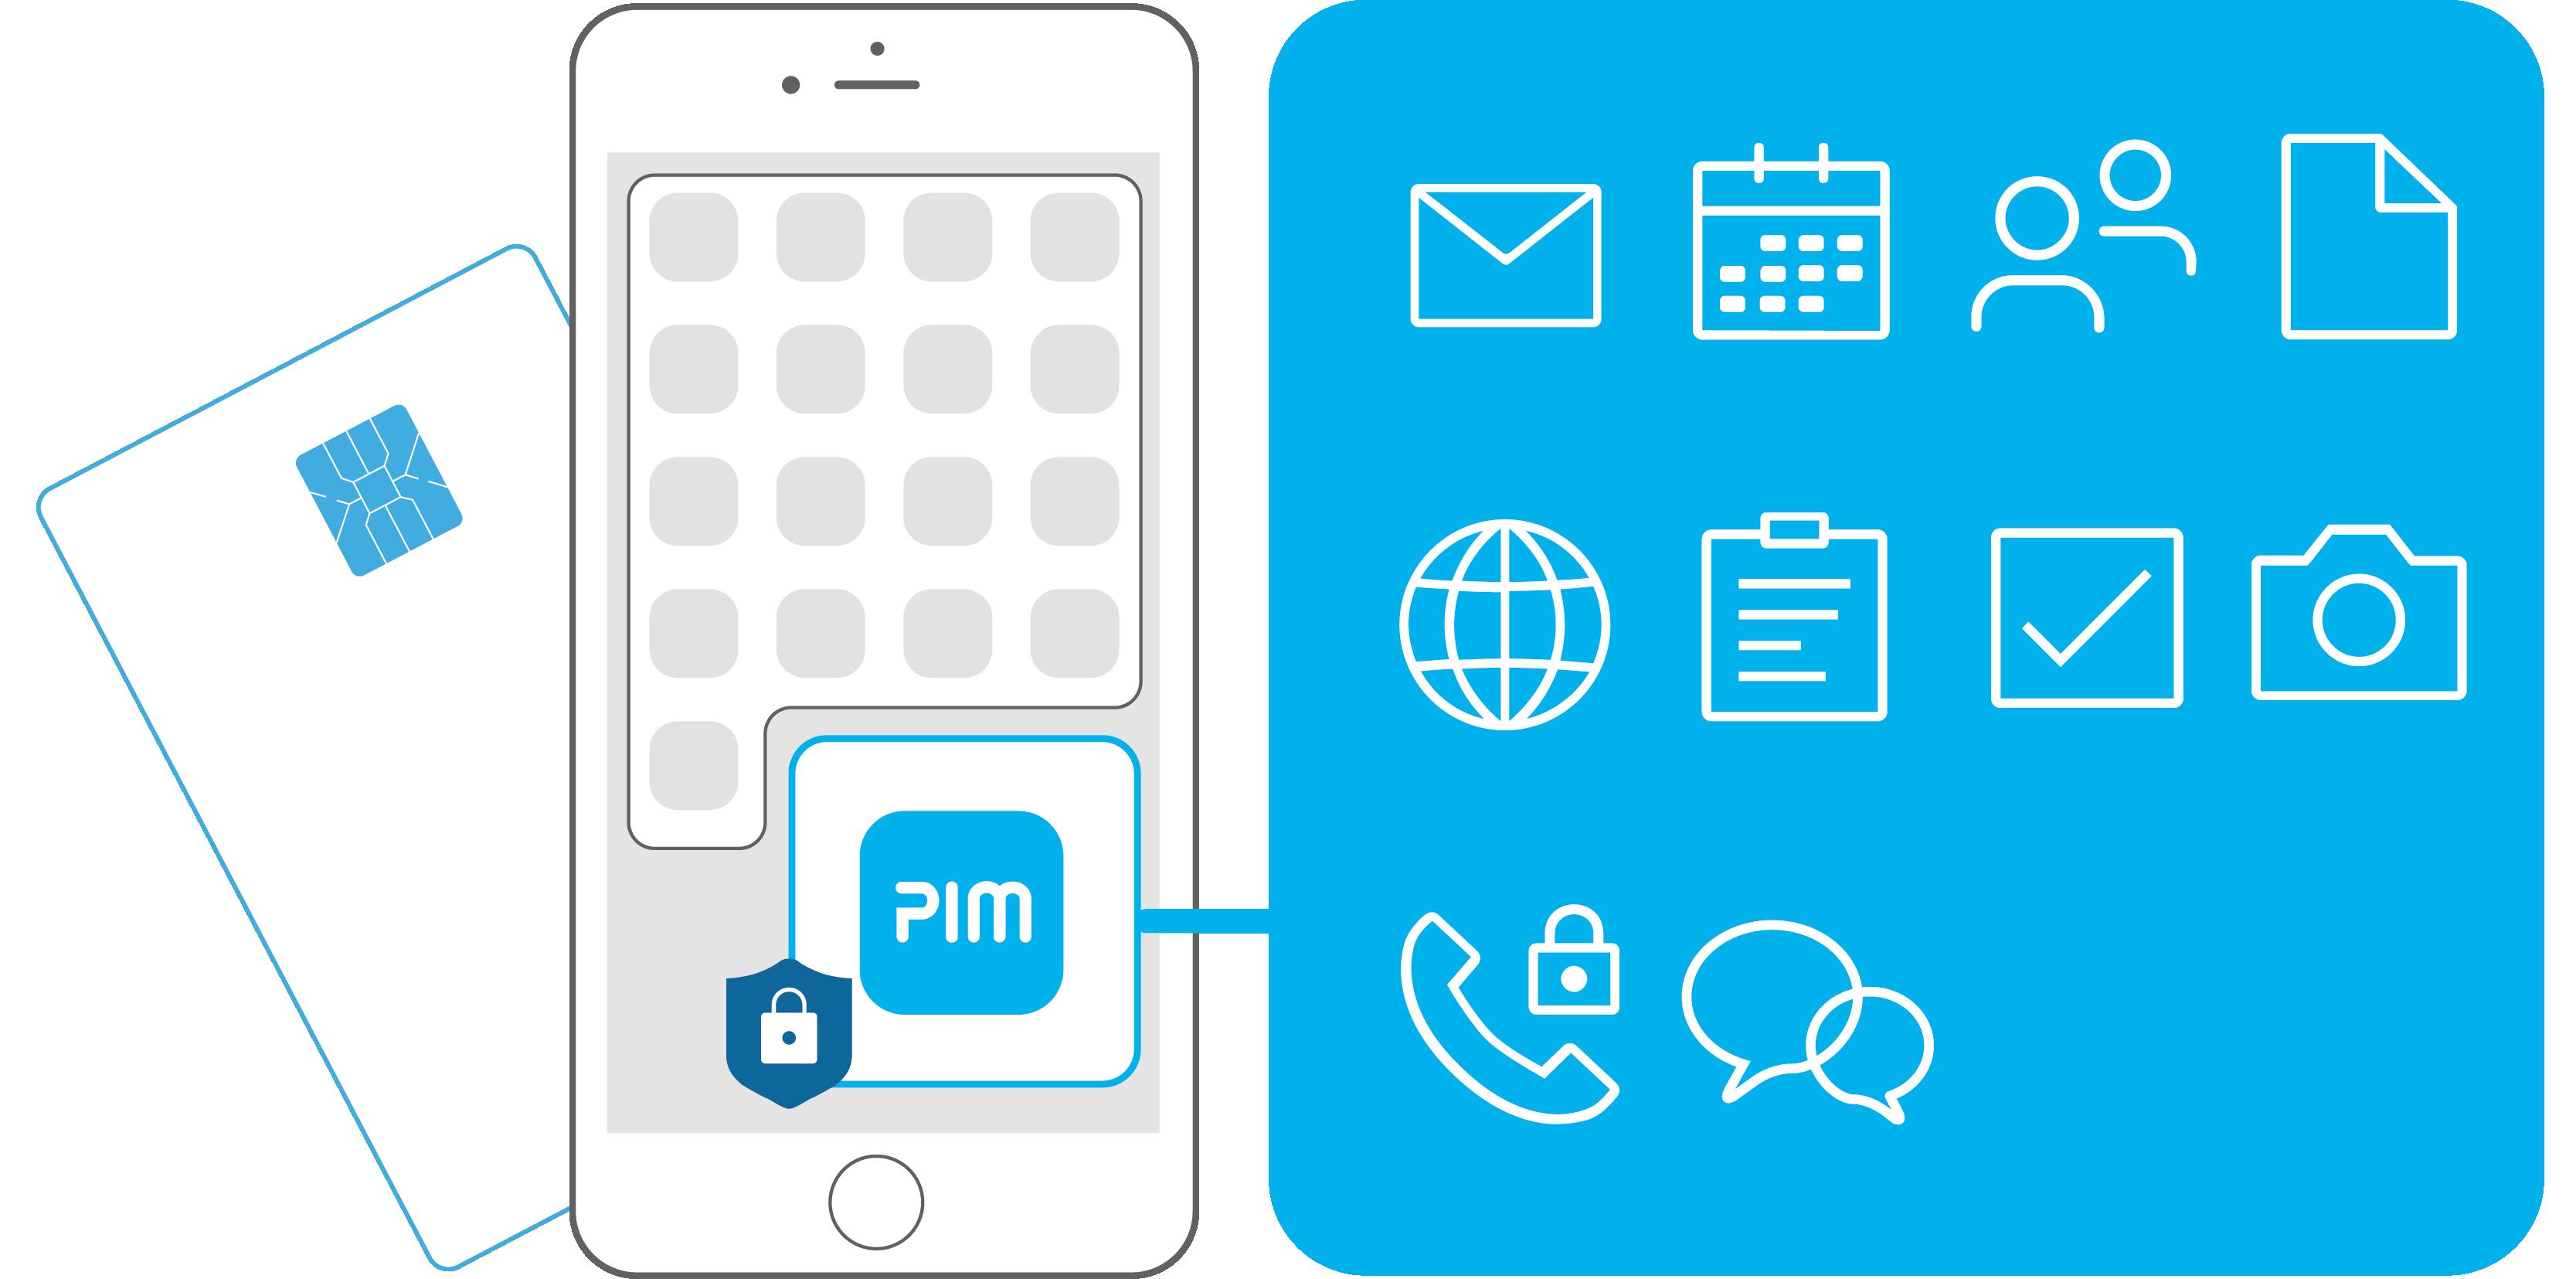 SecurePIM Container mit alle Funktionen für sicheres mobiles Arbeiten